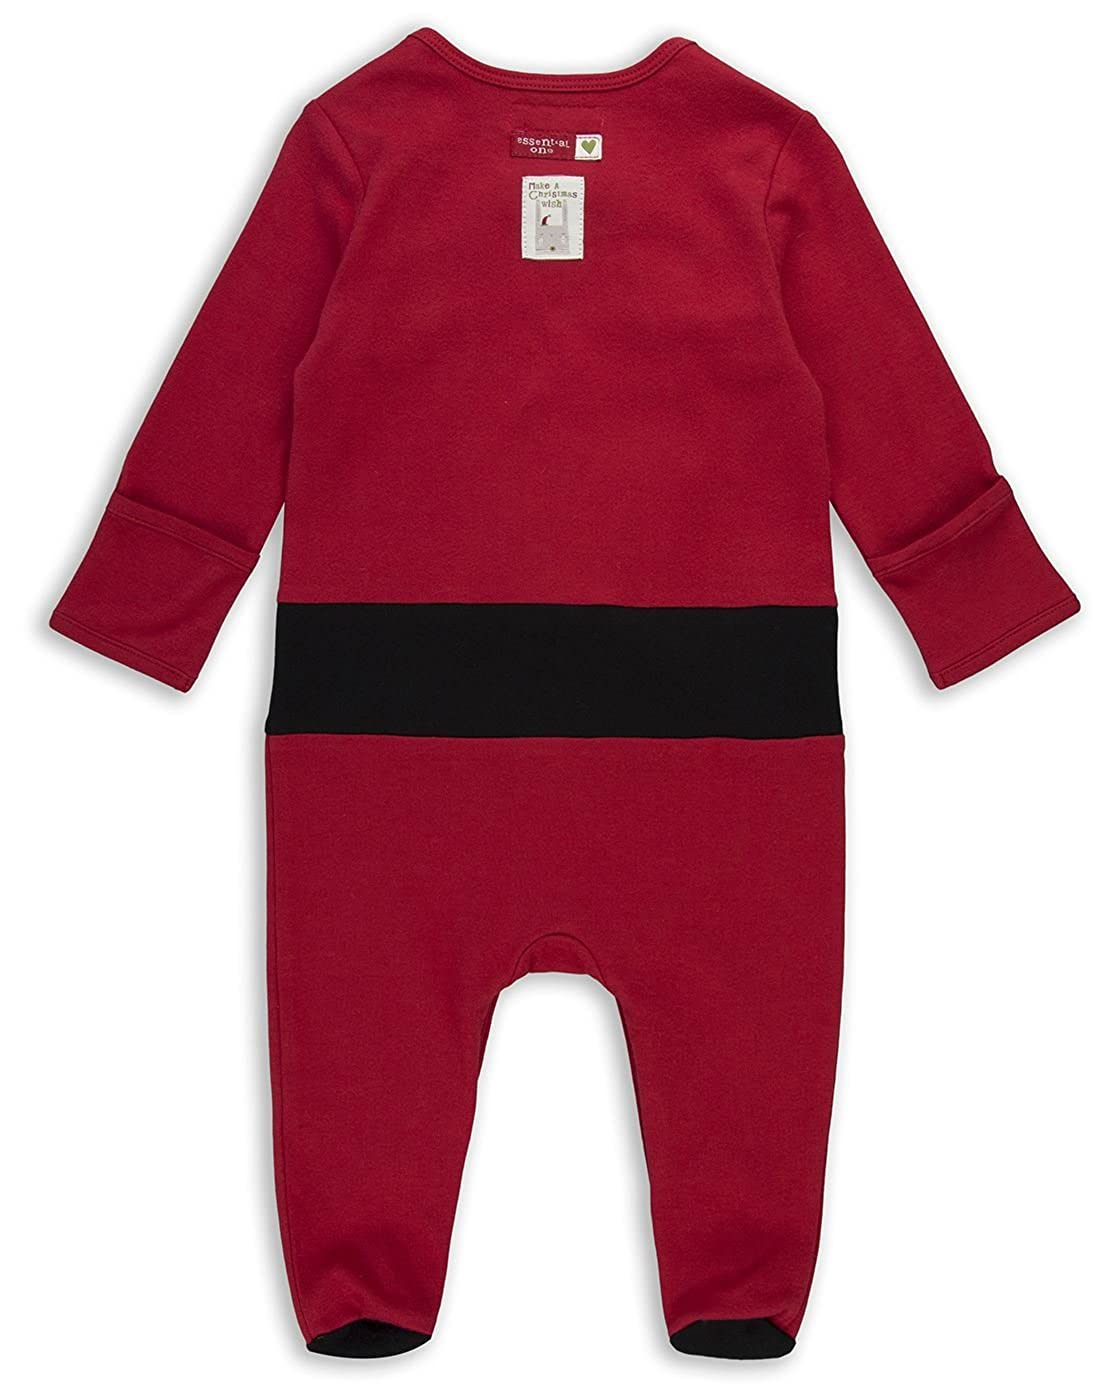 The Essential One Bebé-Niño Pijama de Navidad - Tuxedo - Rojo - EO243: Amazon.es: Ropa y accesorios